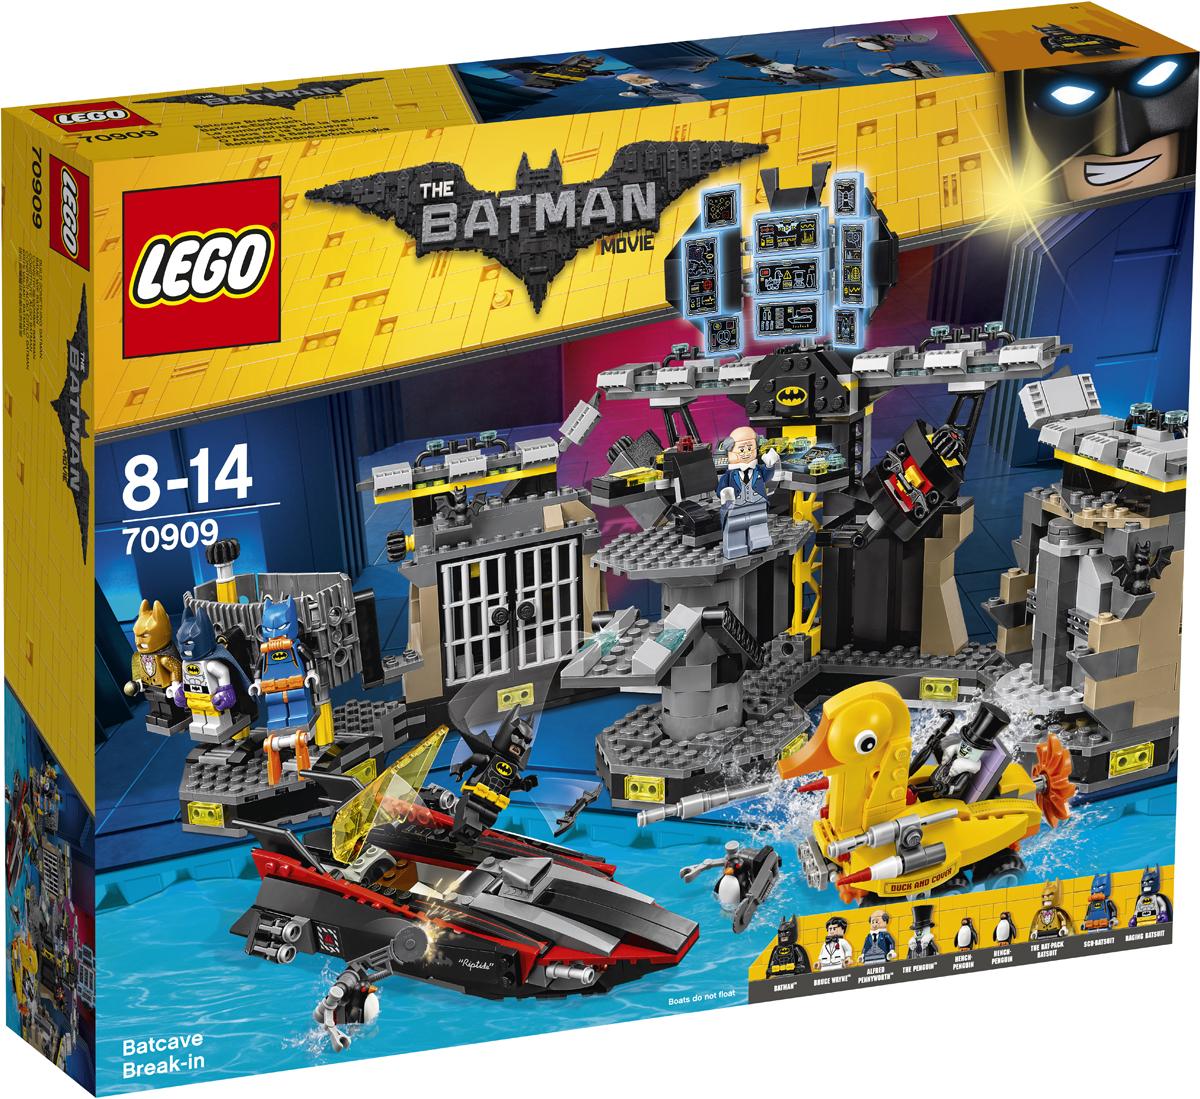 LEGO Batman Movie Конструктор Нападение на Бэтпещеру 7090970909В Бэтпещеру проник автомобиль-утенок Пингвина. Злодей вот-вот раскроет все секреты Бэтмена. Быстро преврати Брюса Уэйна в Бэтмена. Найди всех незваных гостей на экране бэткомпьютера во вращающемся командном центре. Выбери из своего гардероба один из бэткостюмов: костюм Бэтмена-ныряльщика, бэткостюм для суперзащиты или бэткостюм с бэтрюкзаком, чтобы быть полностью готовым к бою. Атакуй врага при помощи ракет с пружинным механизмом и шипометов, но берегись выстрелов из пушек автомобиля-утенка. Помести всех пойманных нарушителей в камеру... и смотри, чтобы они не попытались пробить себе дорогу на свободу при помощи взрывчатки.